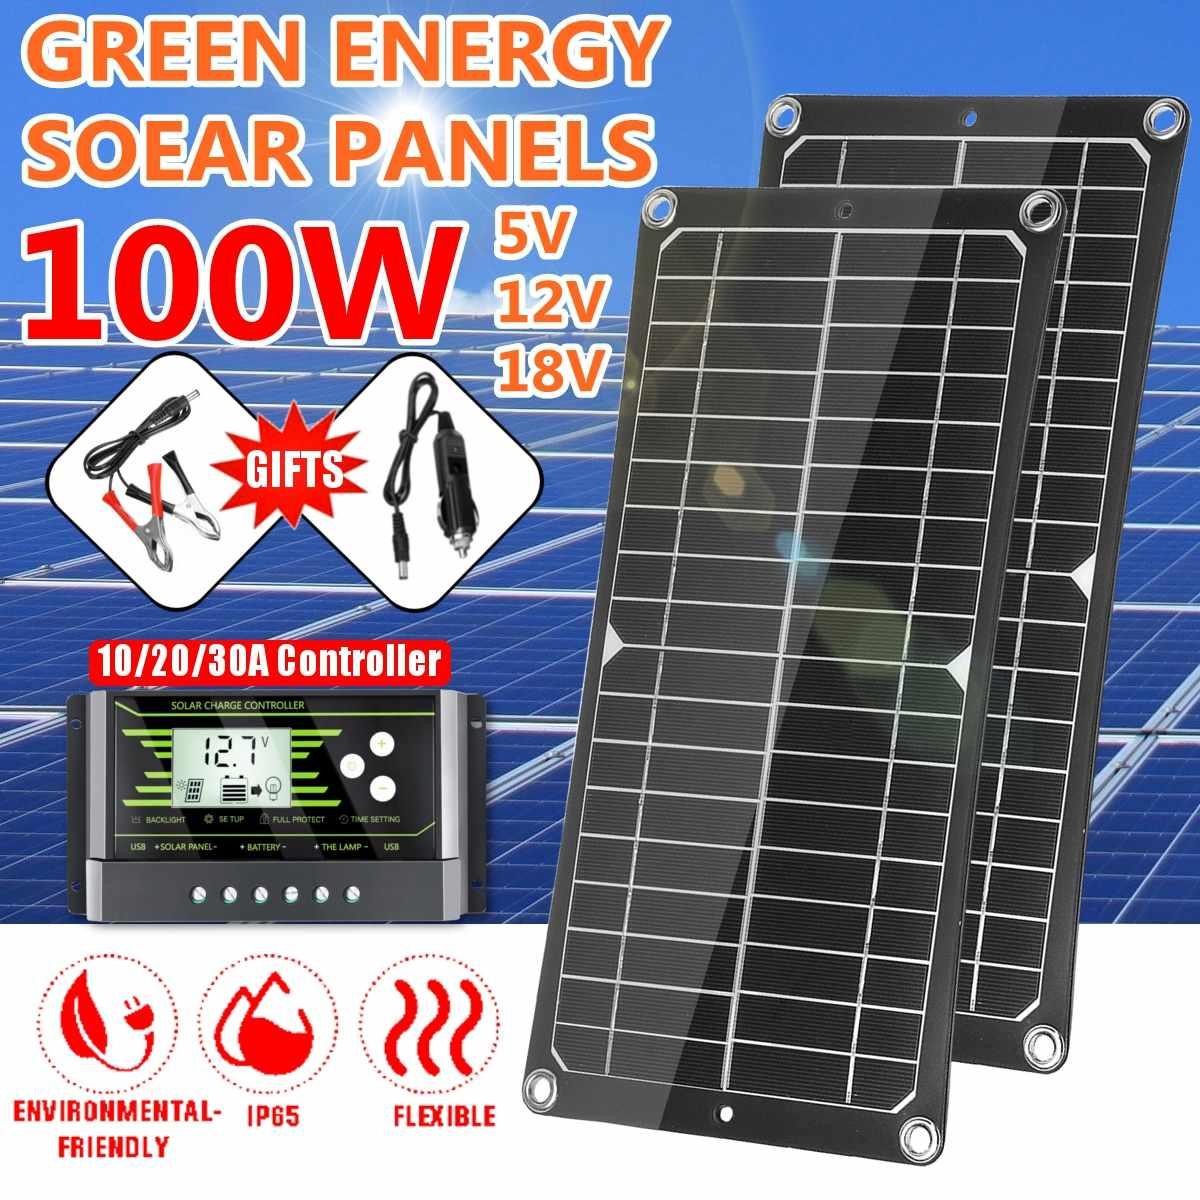 100w 18v painel solar flexível monocristalino duplo usb 12v/5v dc com 10/20/30a controlador para o carregador do barco da bateria do iate do carro